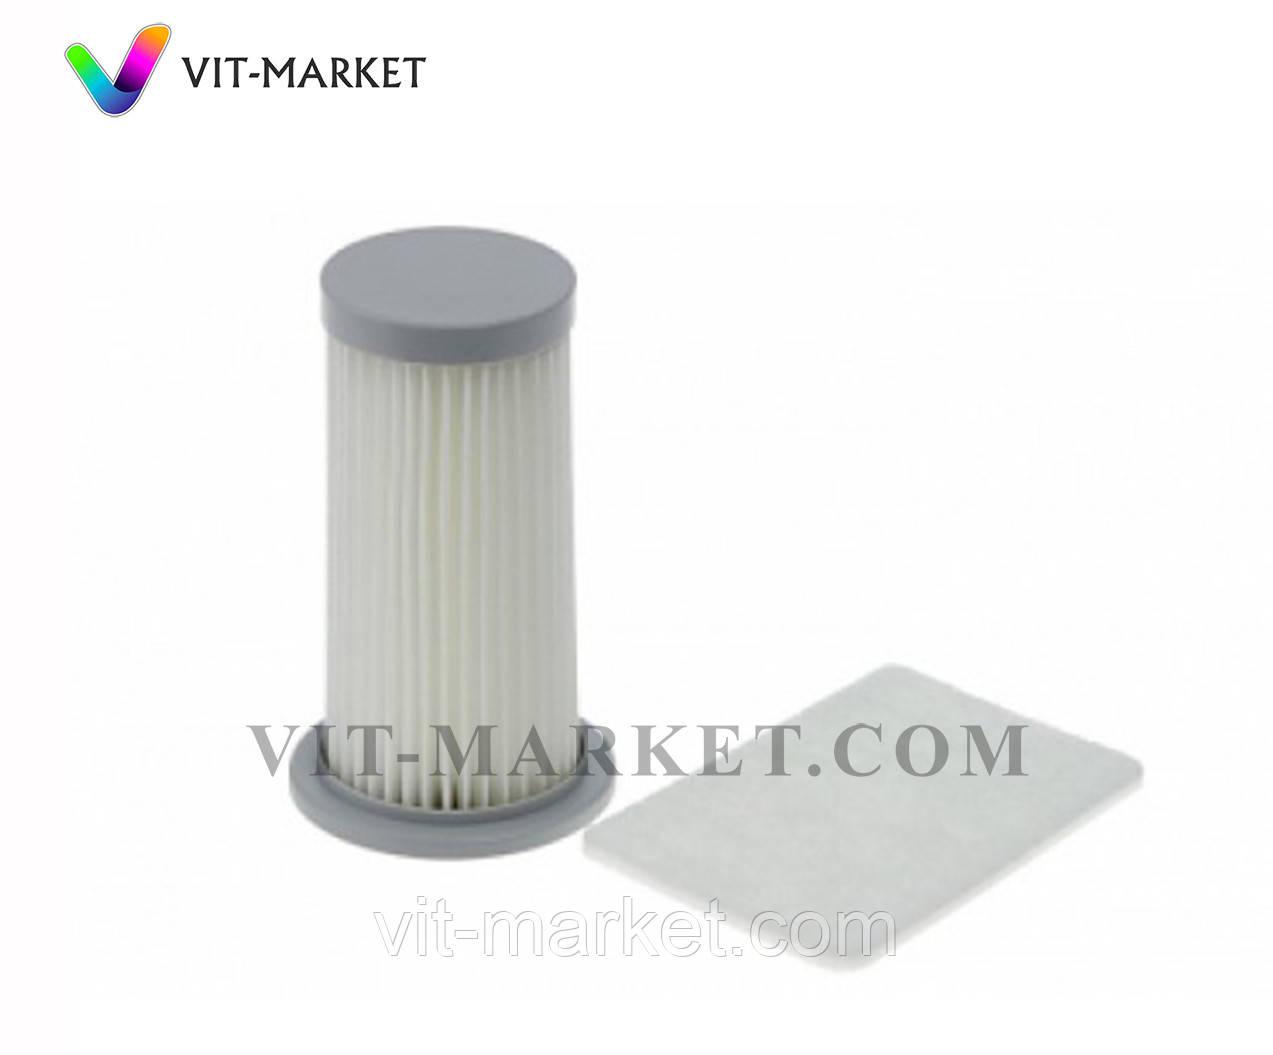 Оригинал. Цилиндрический фильтр в колбу для пылесоса Zelmer ZVCA235S код VC1400.200, 756964